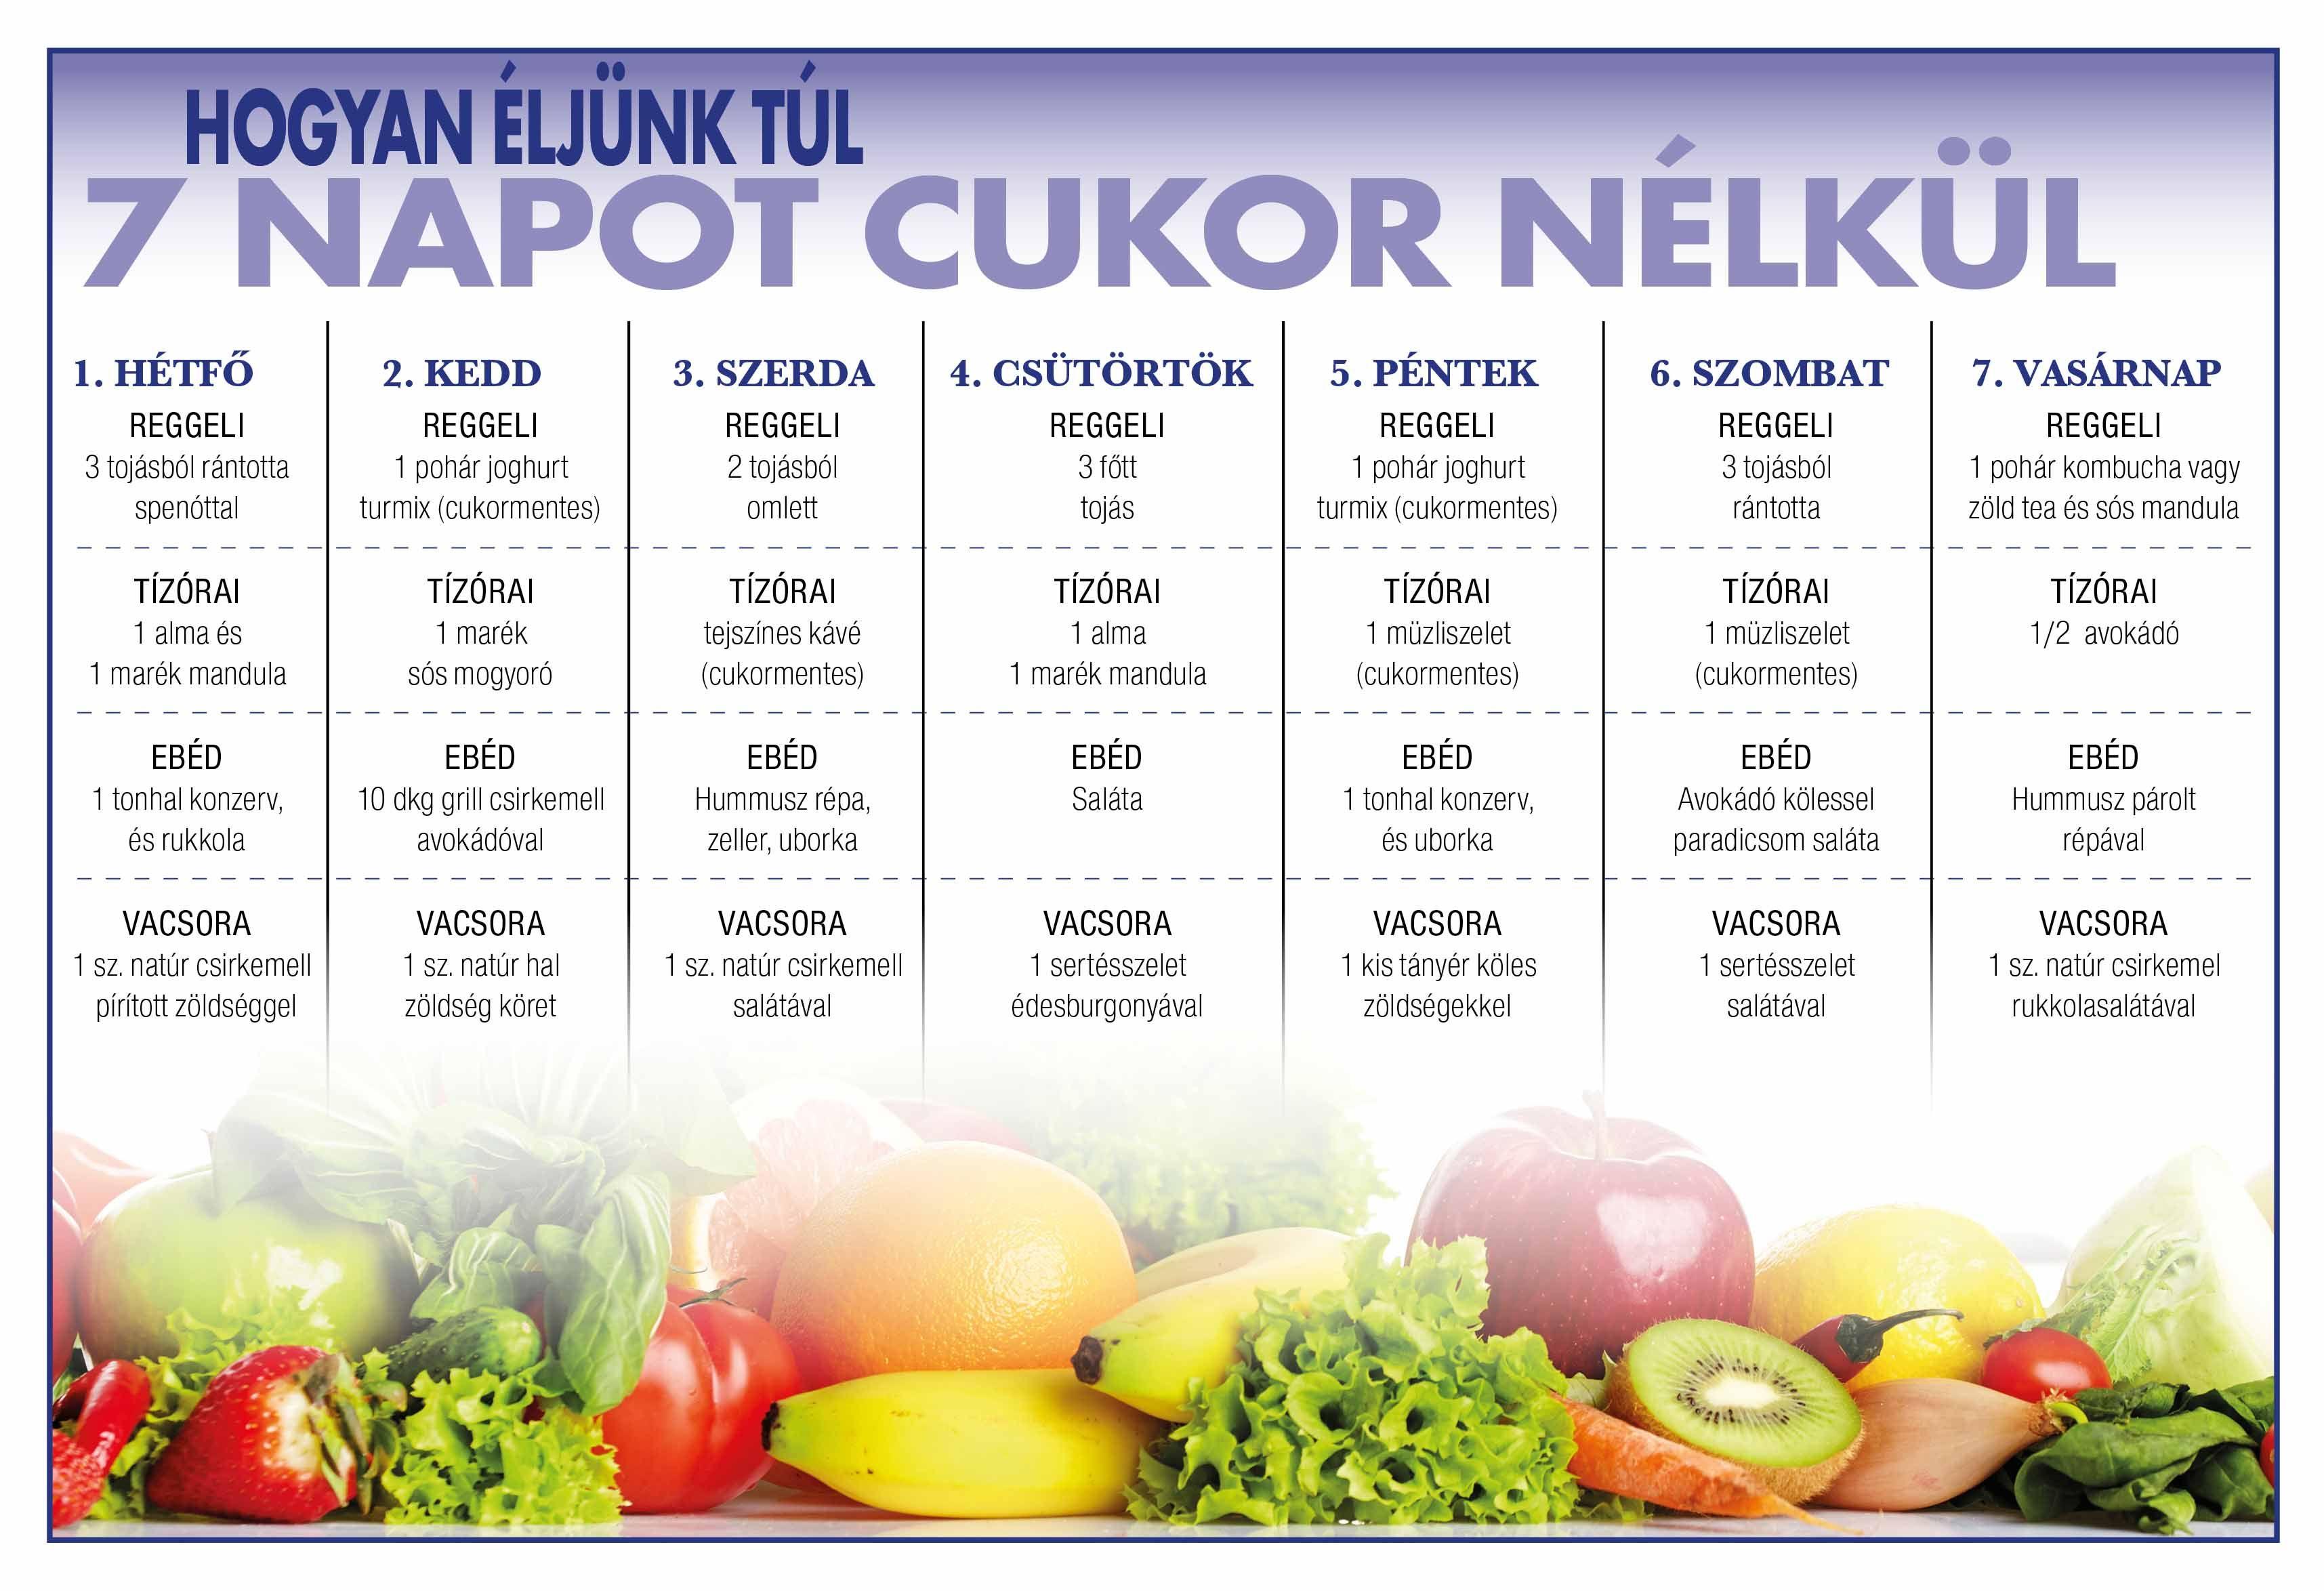 Pontos, egyszerű heti menük az egészséges és változatos táplálkozásért